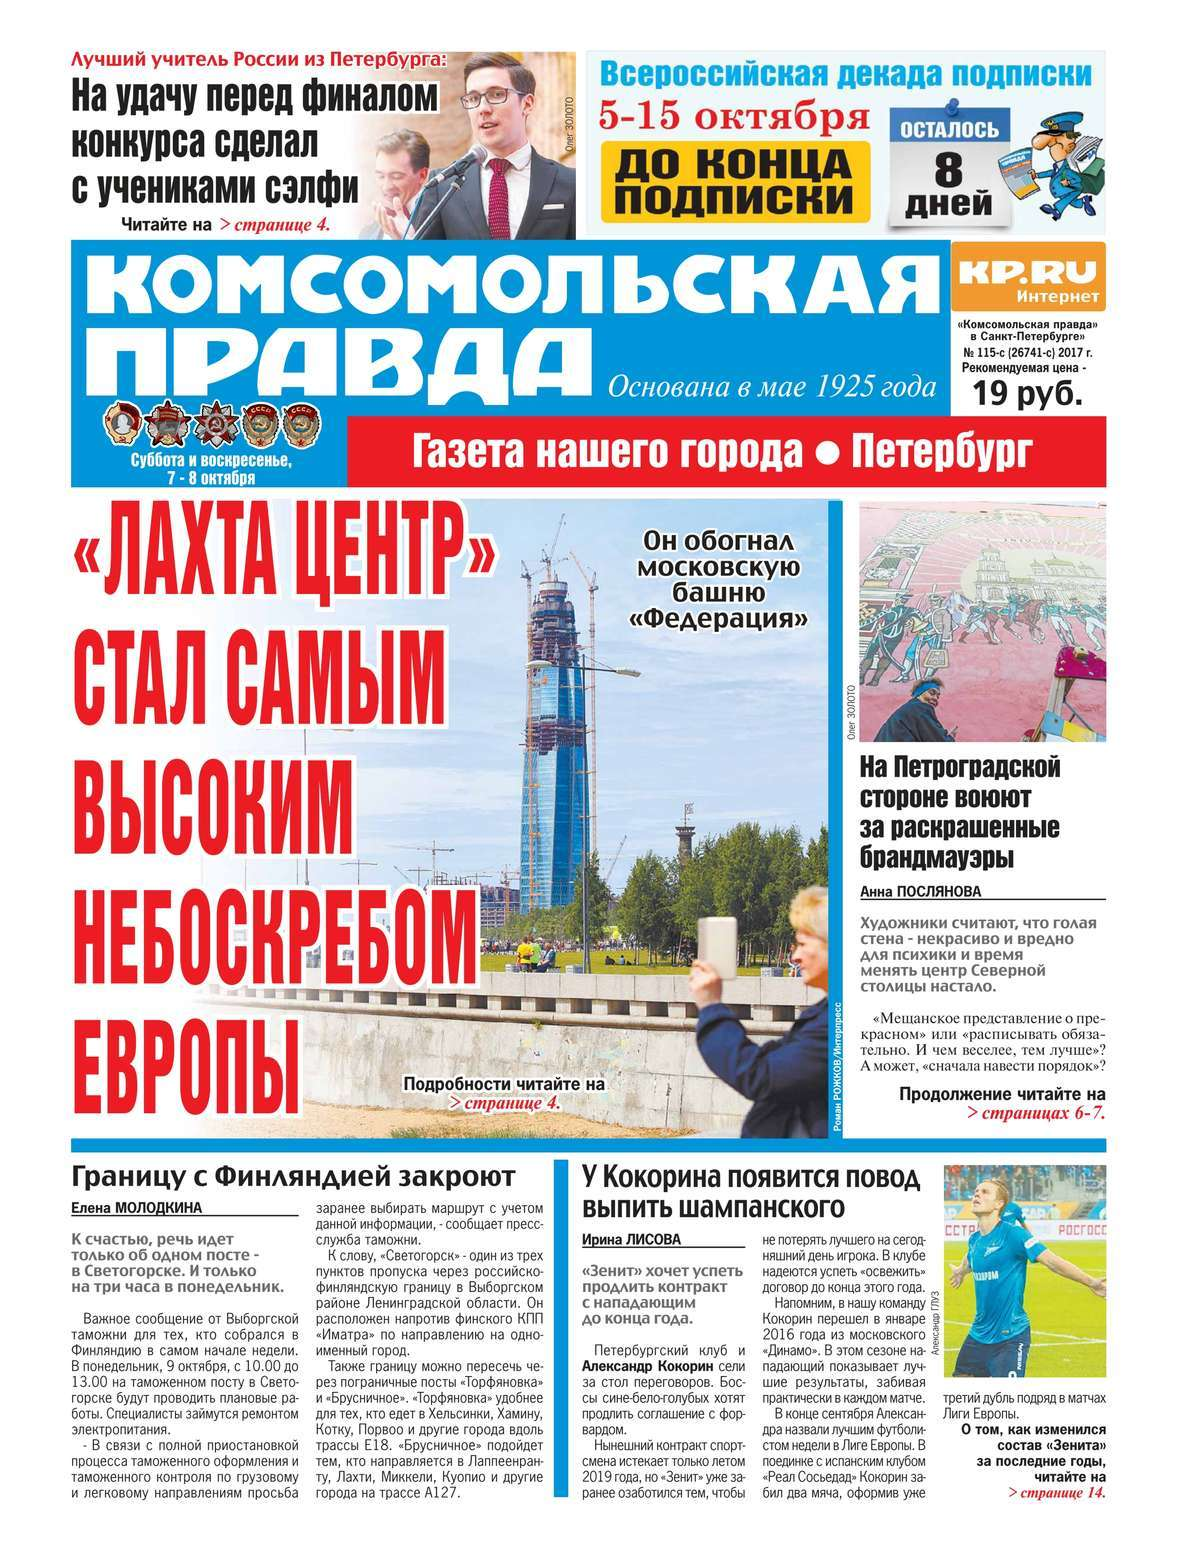 Комсомольская Правда. Санкт-Петербург 115с-2017